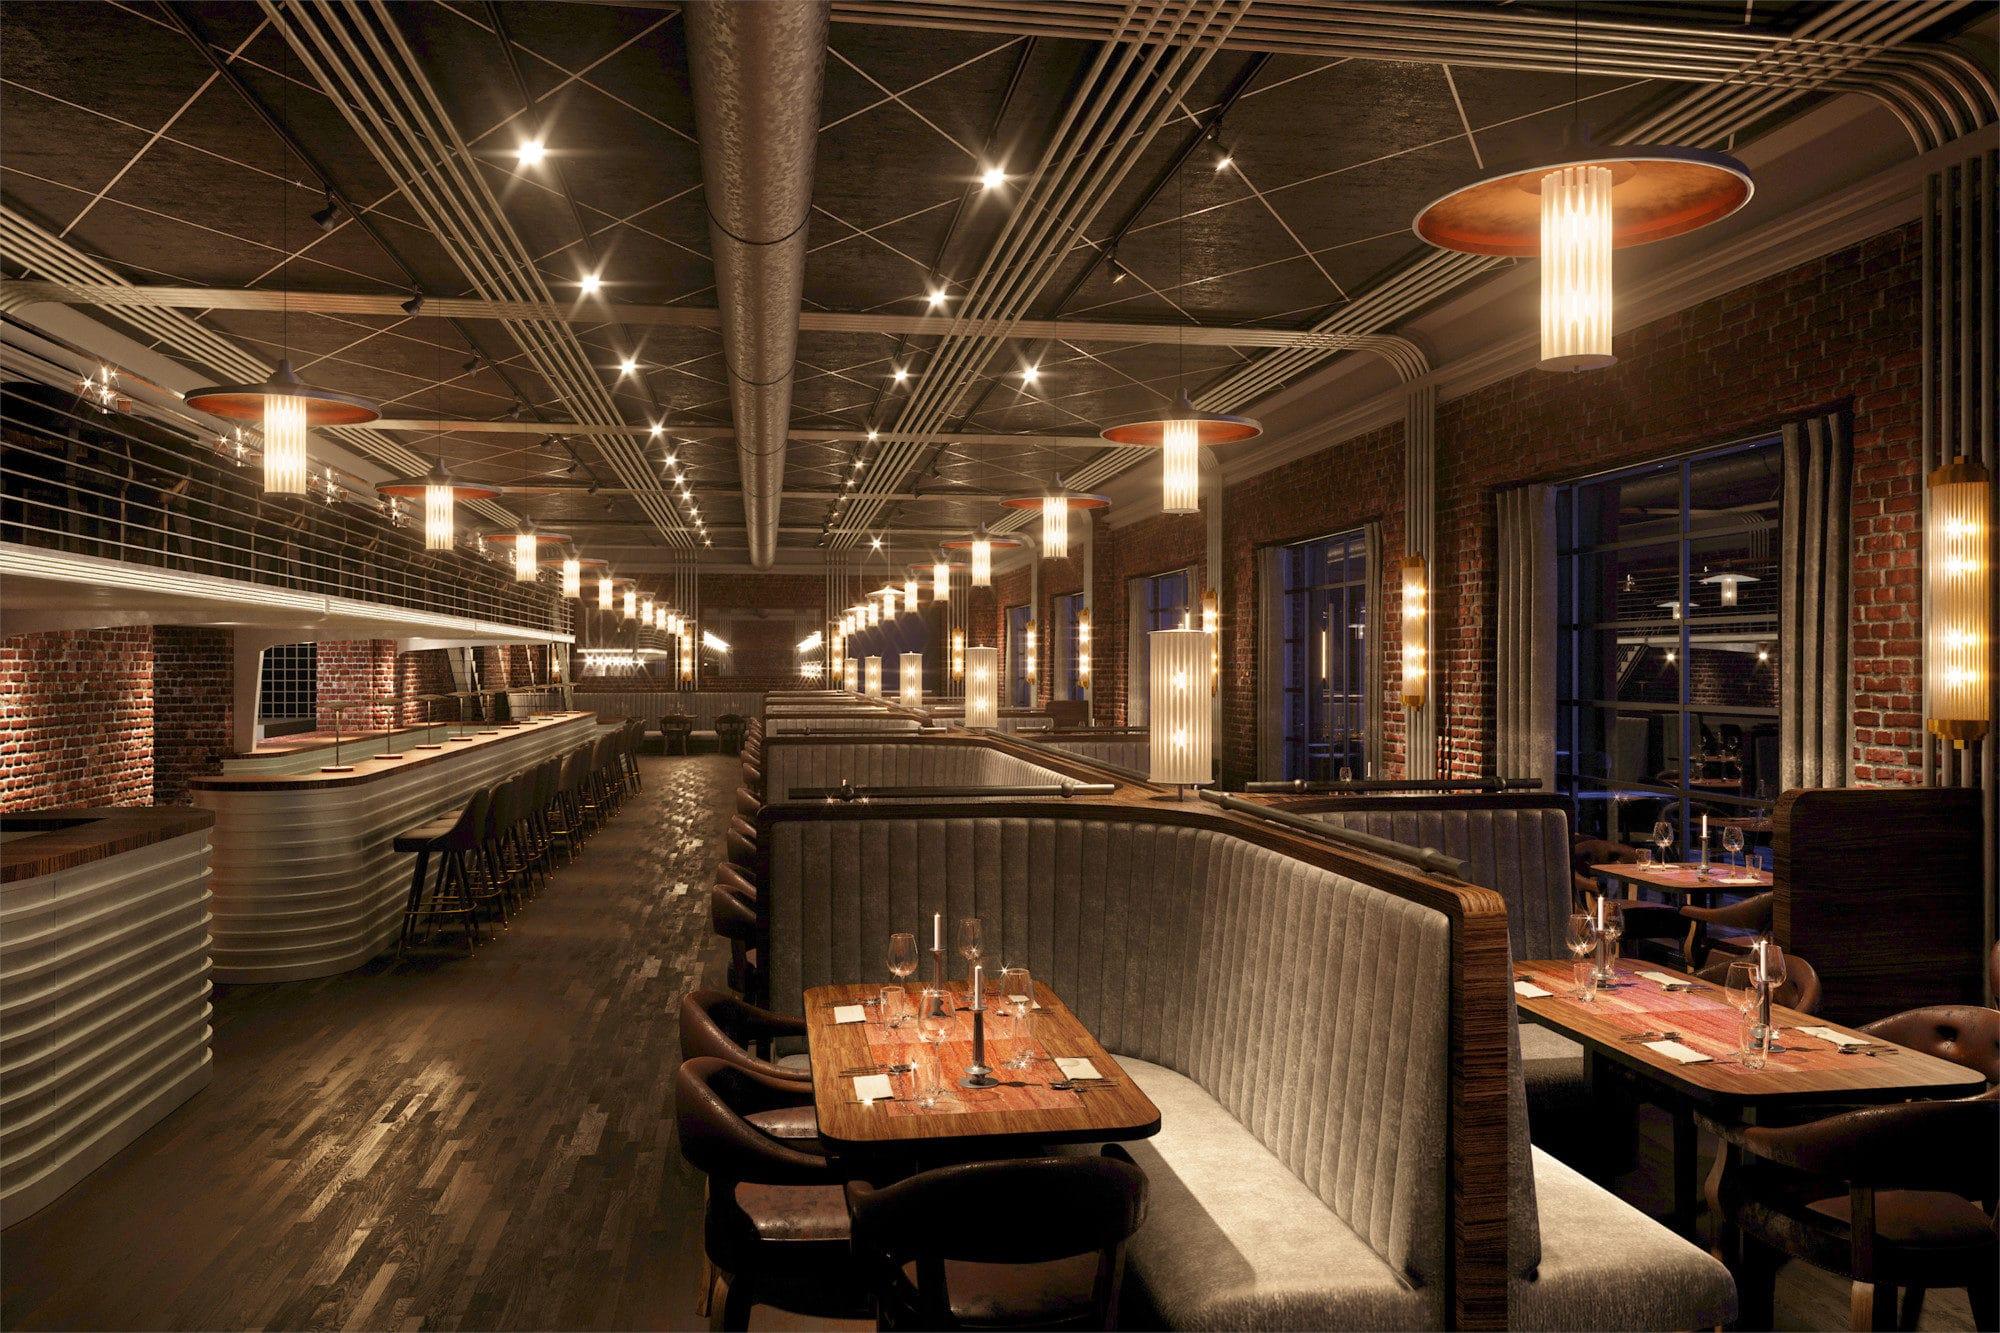 Steakhouse S - Hauptraum 02